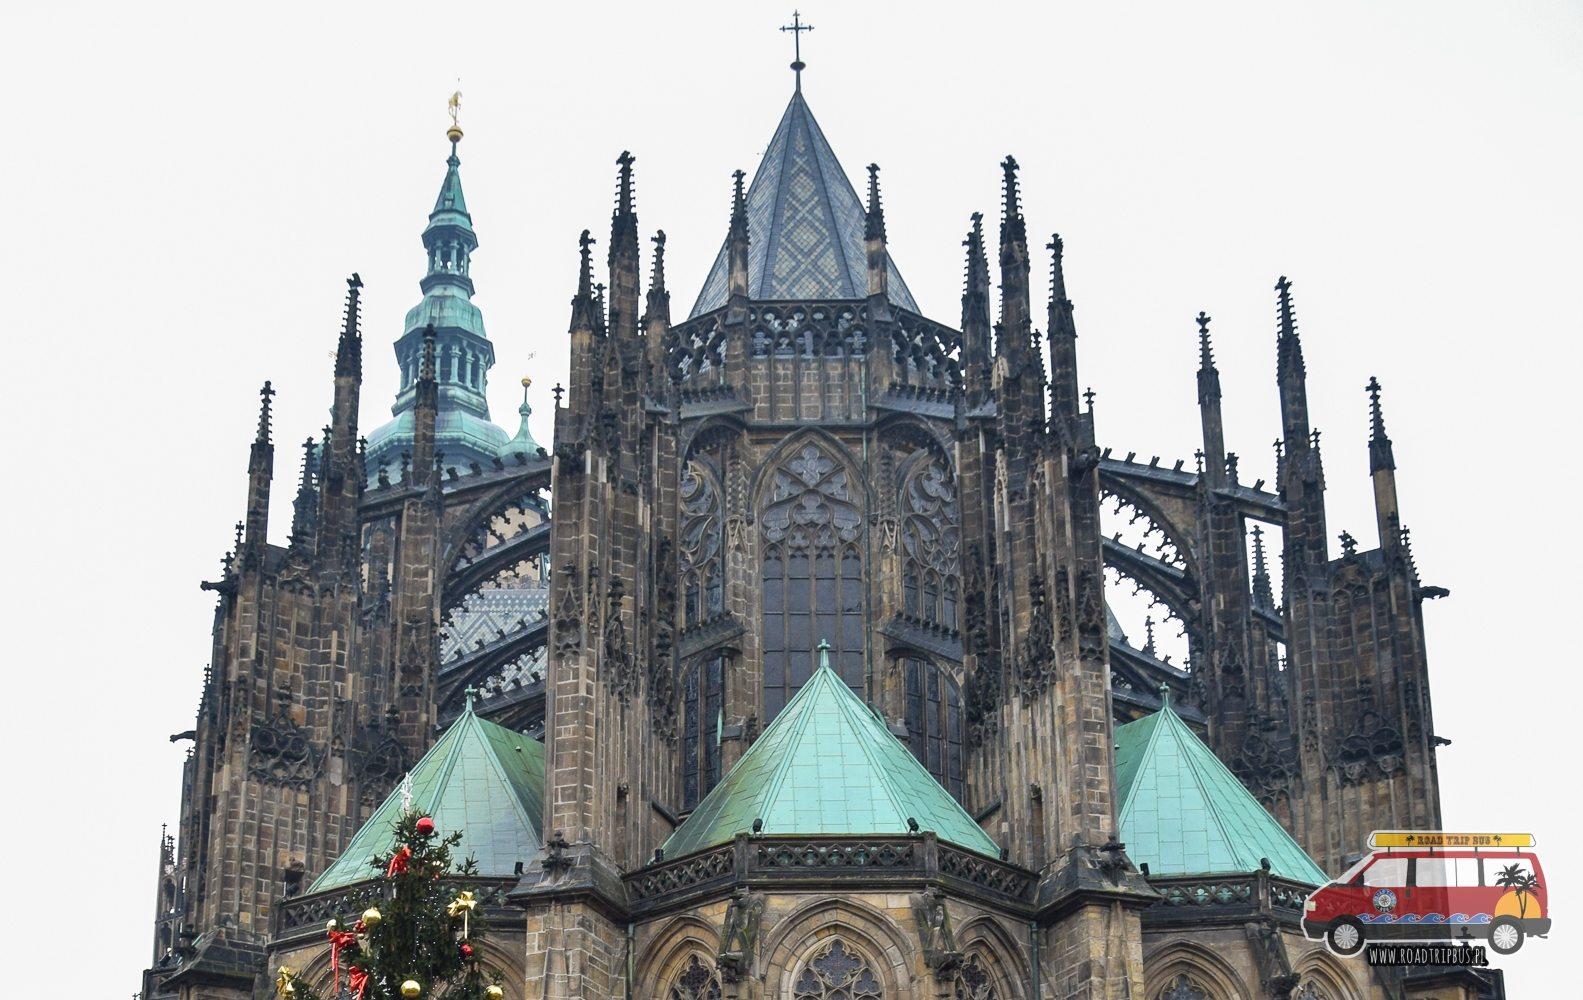 front Katedry Świętego Wita w Pradze